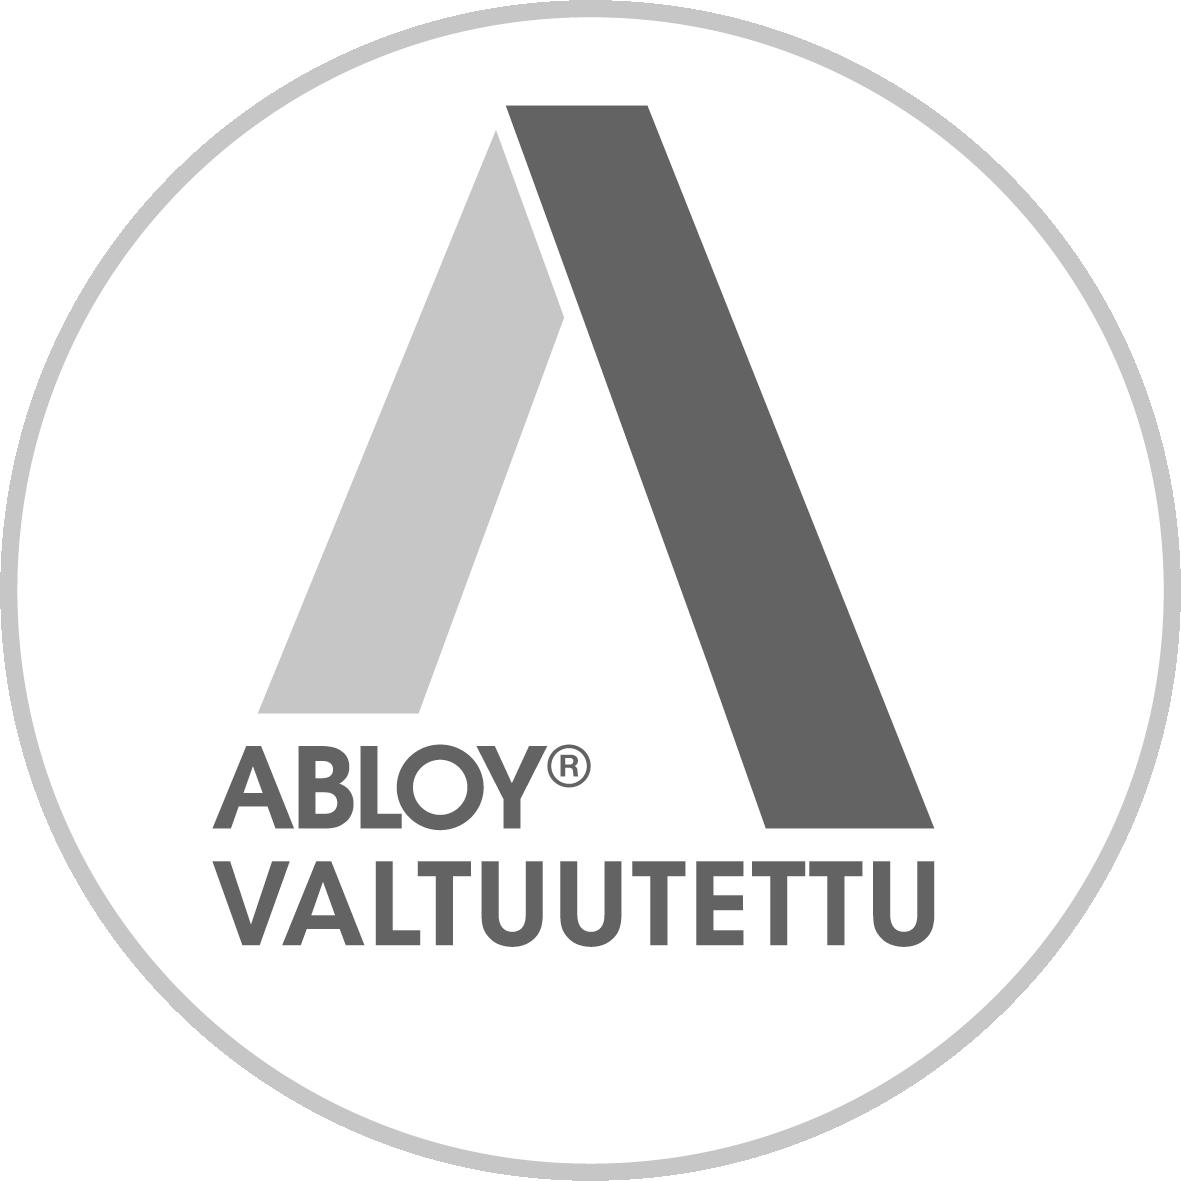 Tuusulan Lukko Oy on ABLOY-valtuutettu lukkoliike